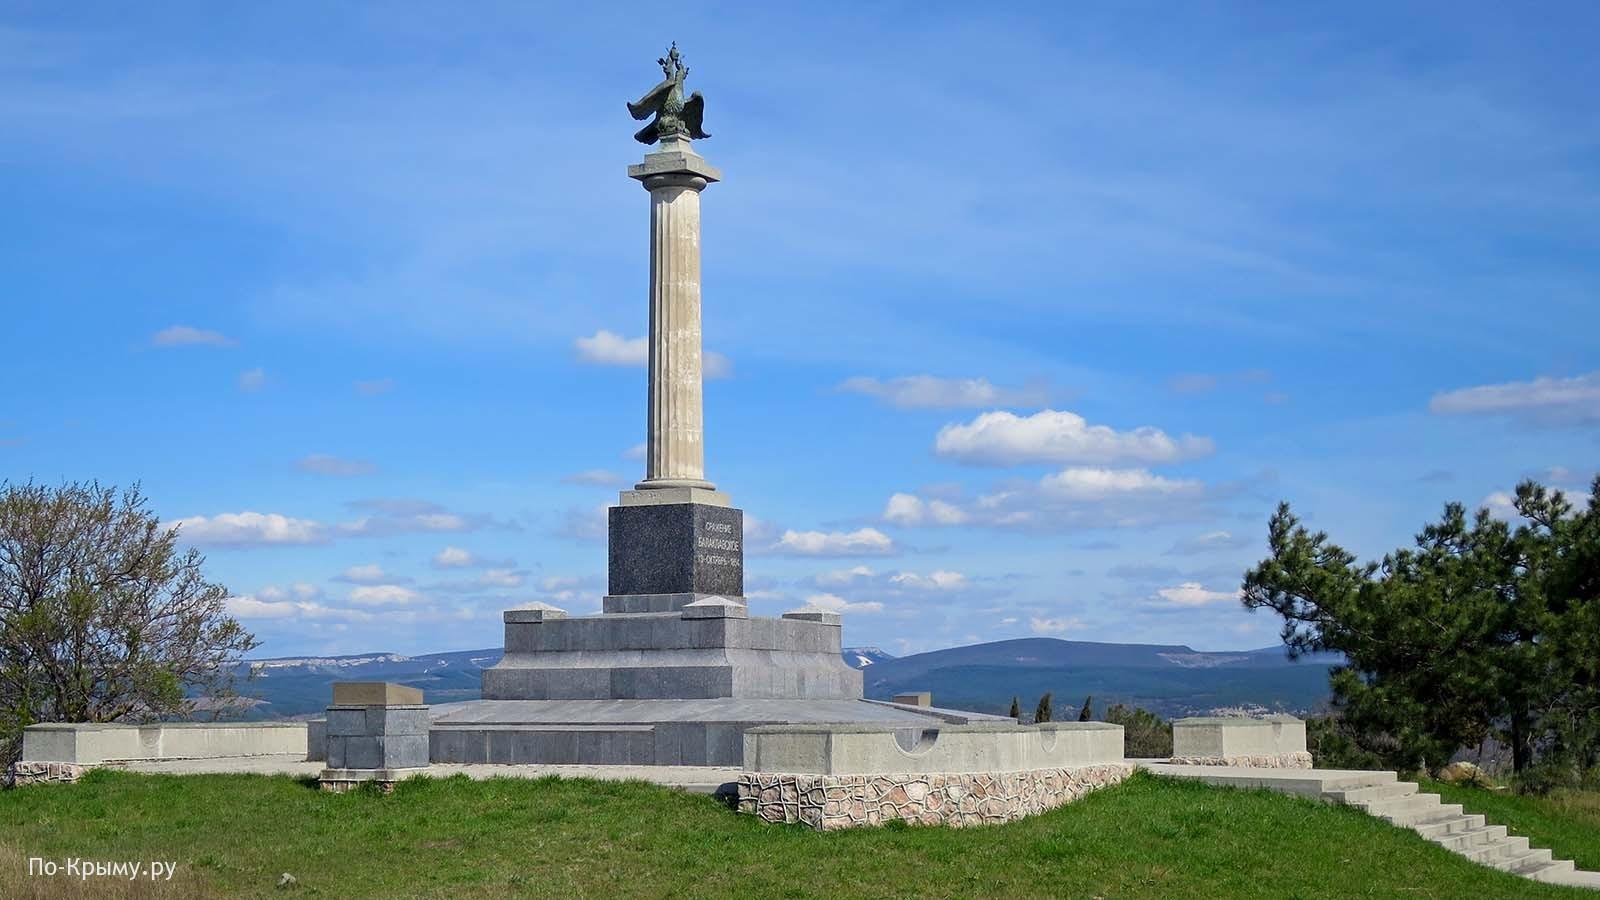 Крым, памятники Крымской войны, обелиск на месте Балаклавского сражения